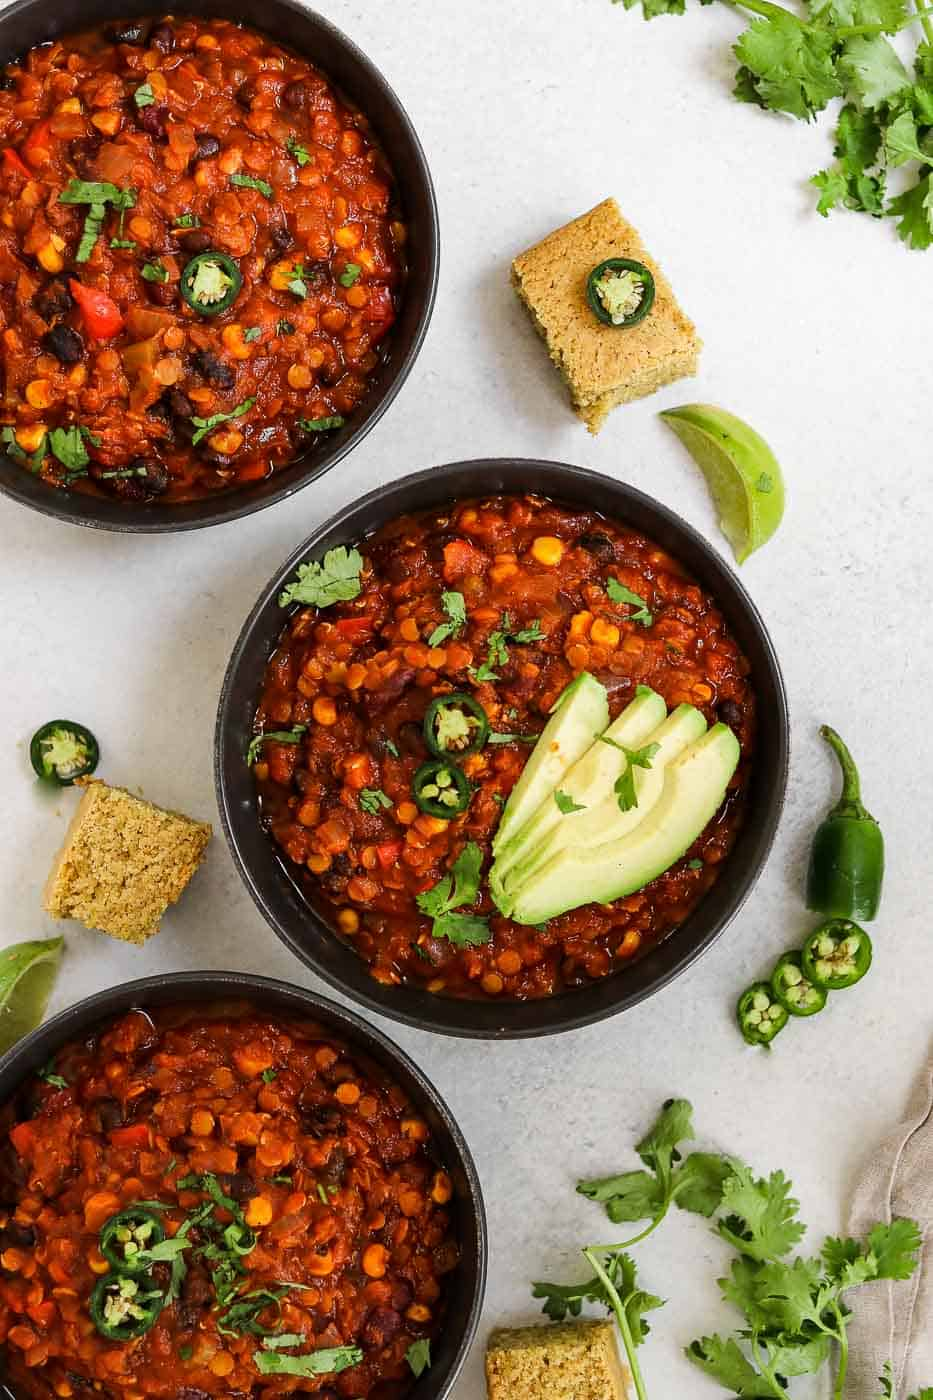 Three bowls of chili with cornbread, cilantro and avocado.